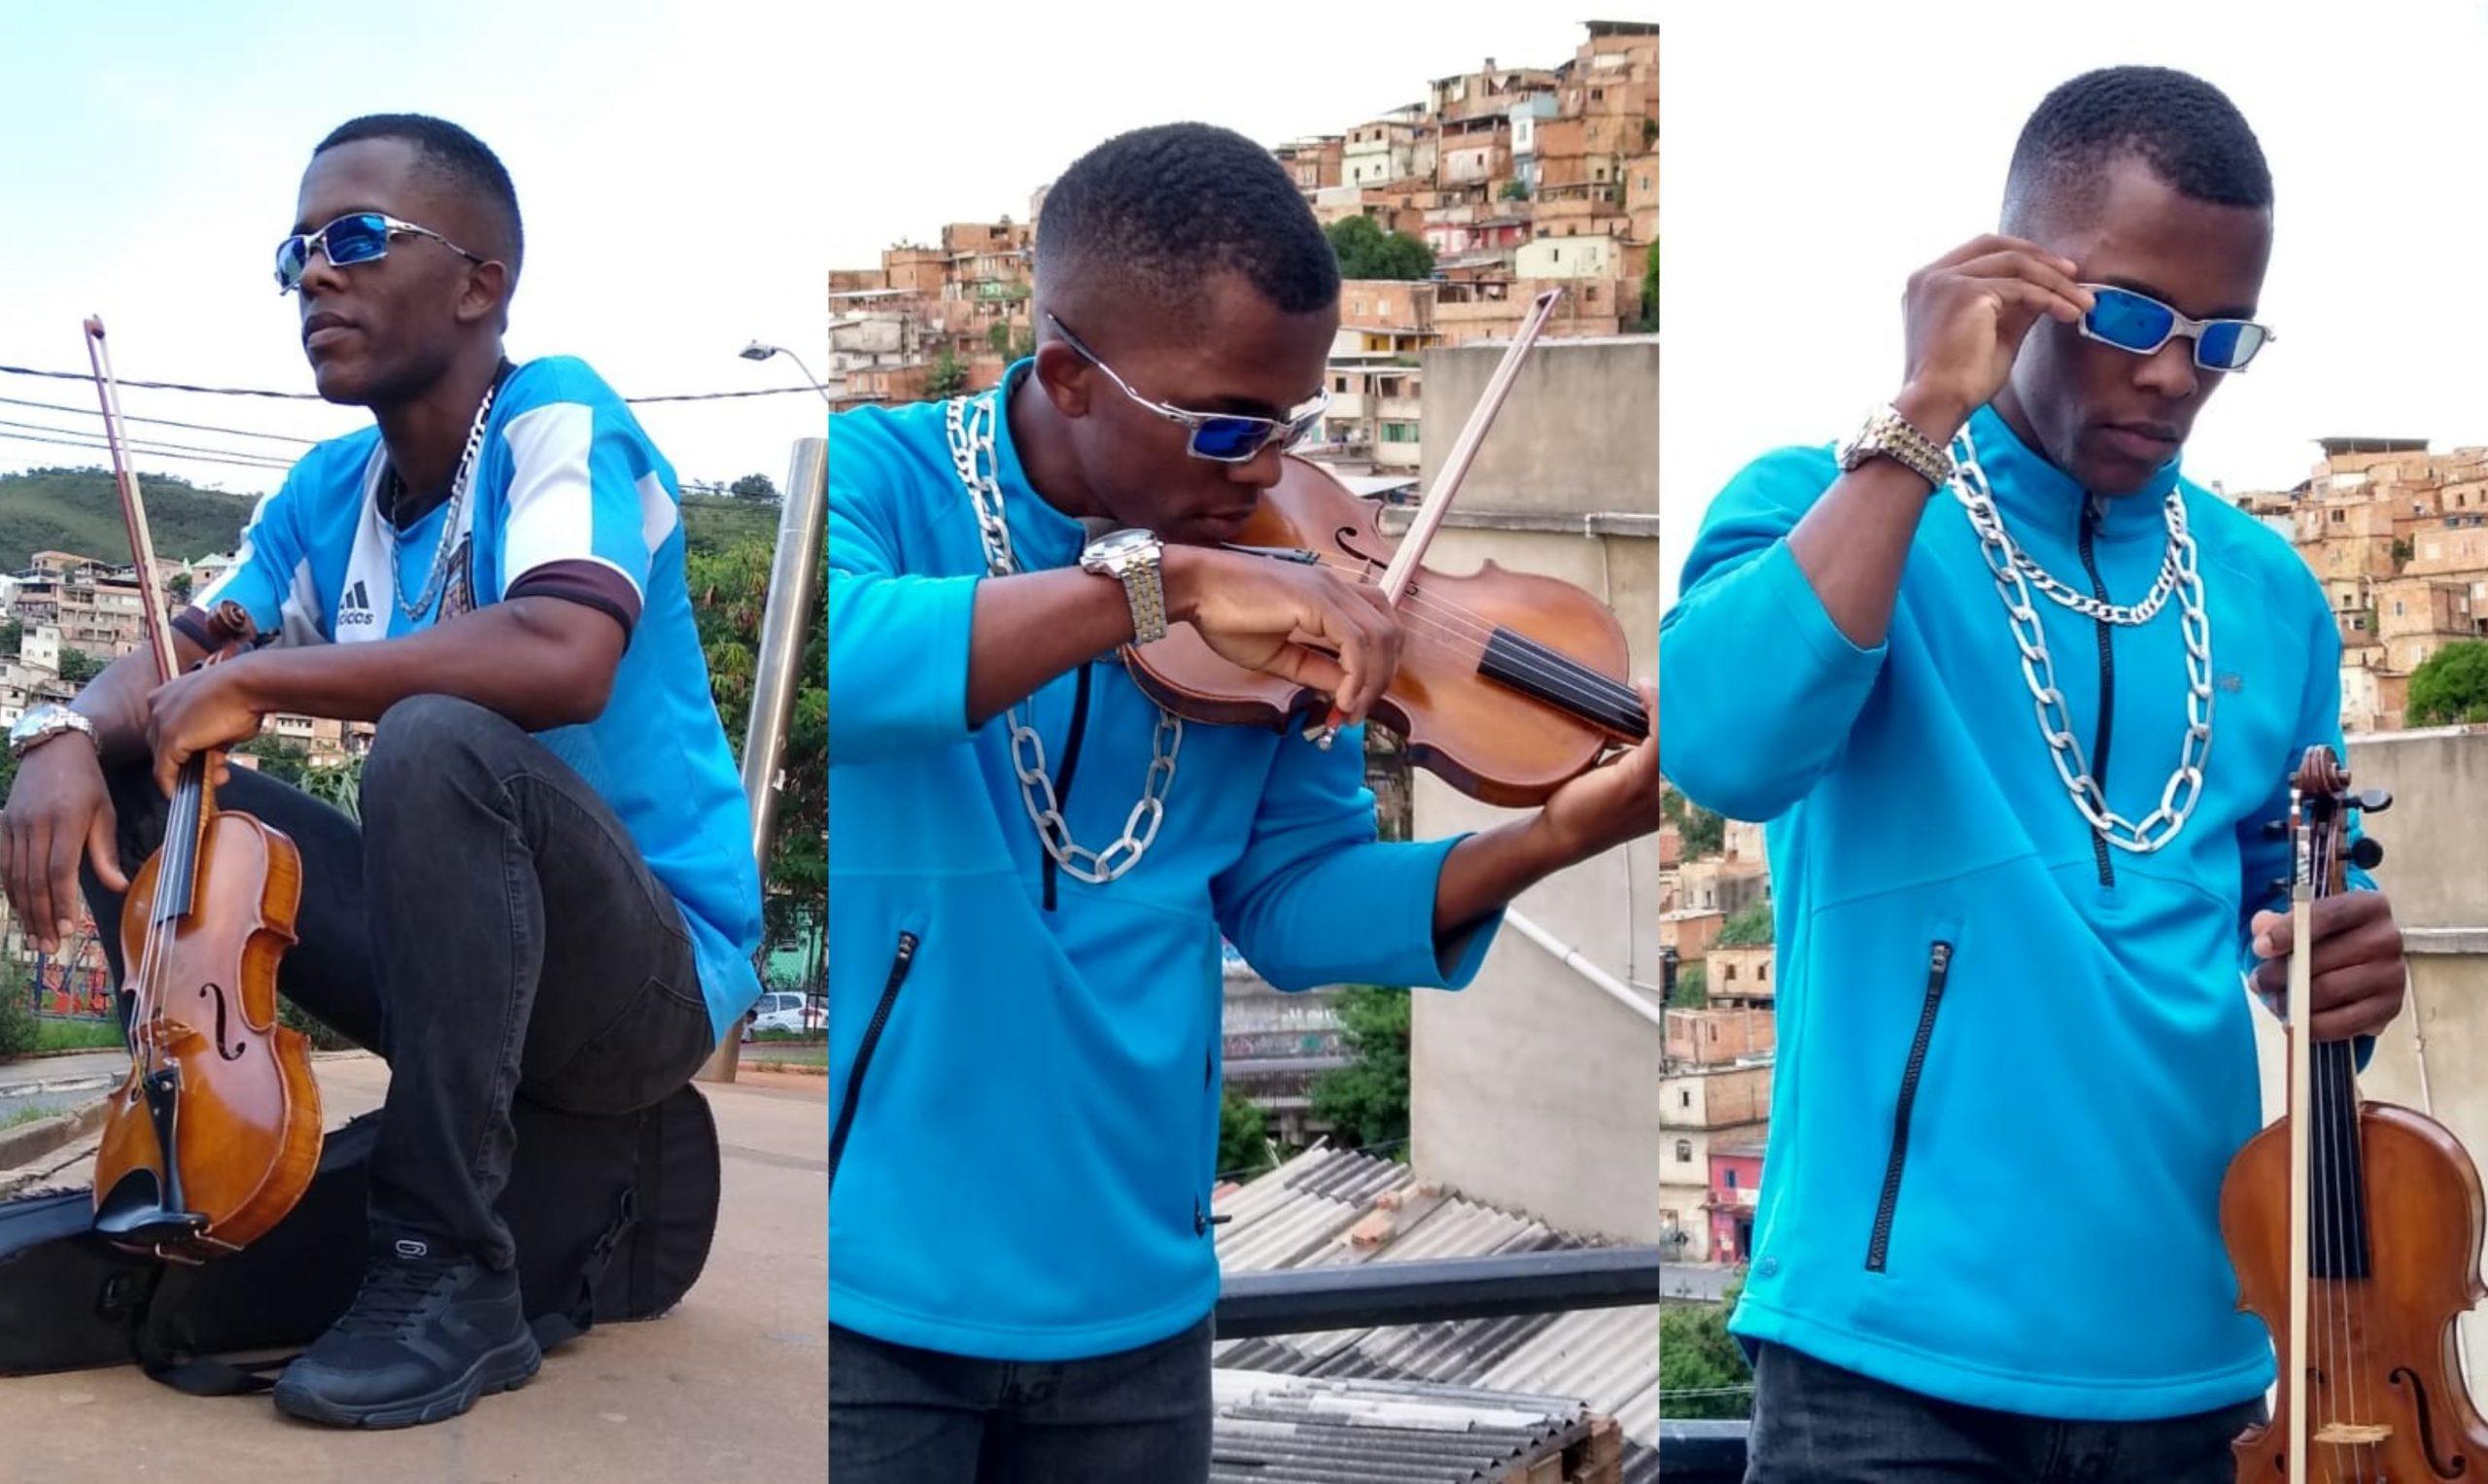 """Conheça Melk da Silva, o chave que toca funk no violino: """"Quero encaixar duas coisas que não combinam!"""""""